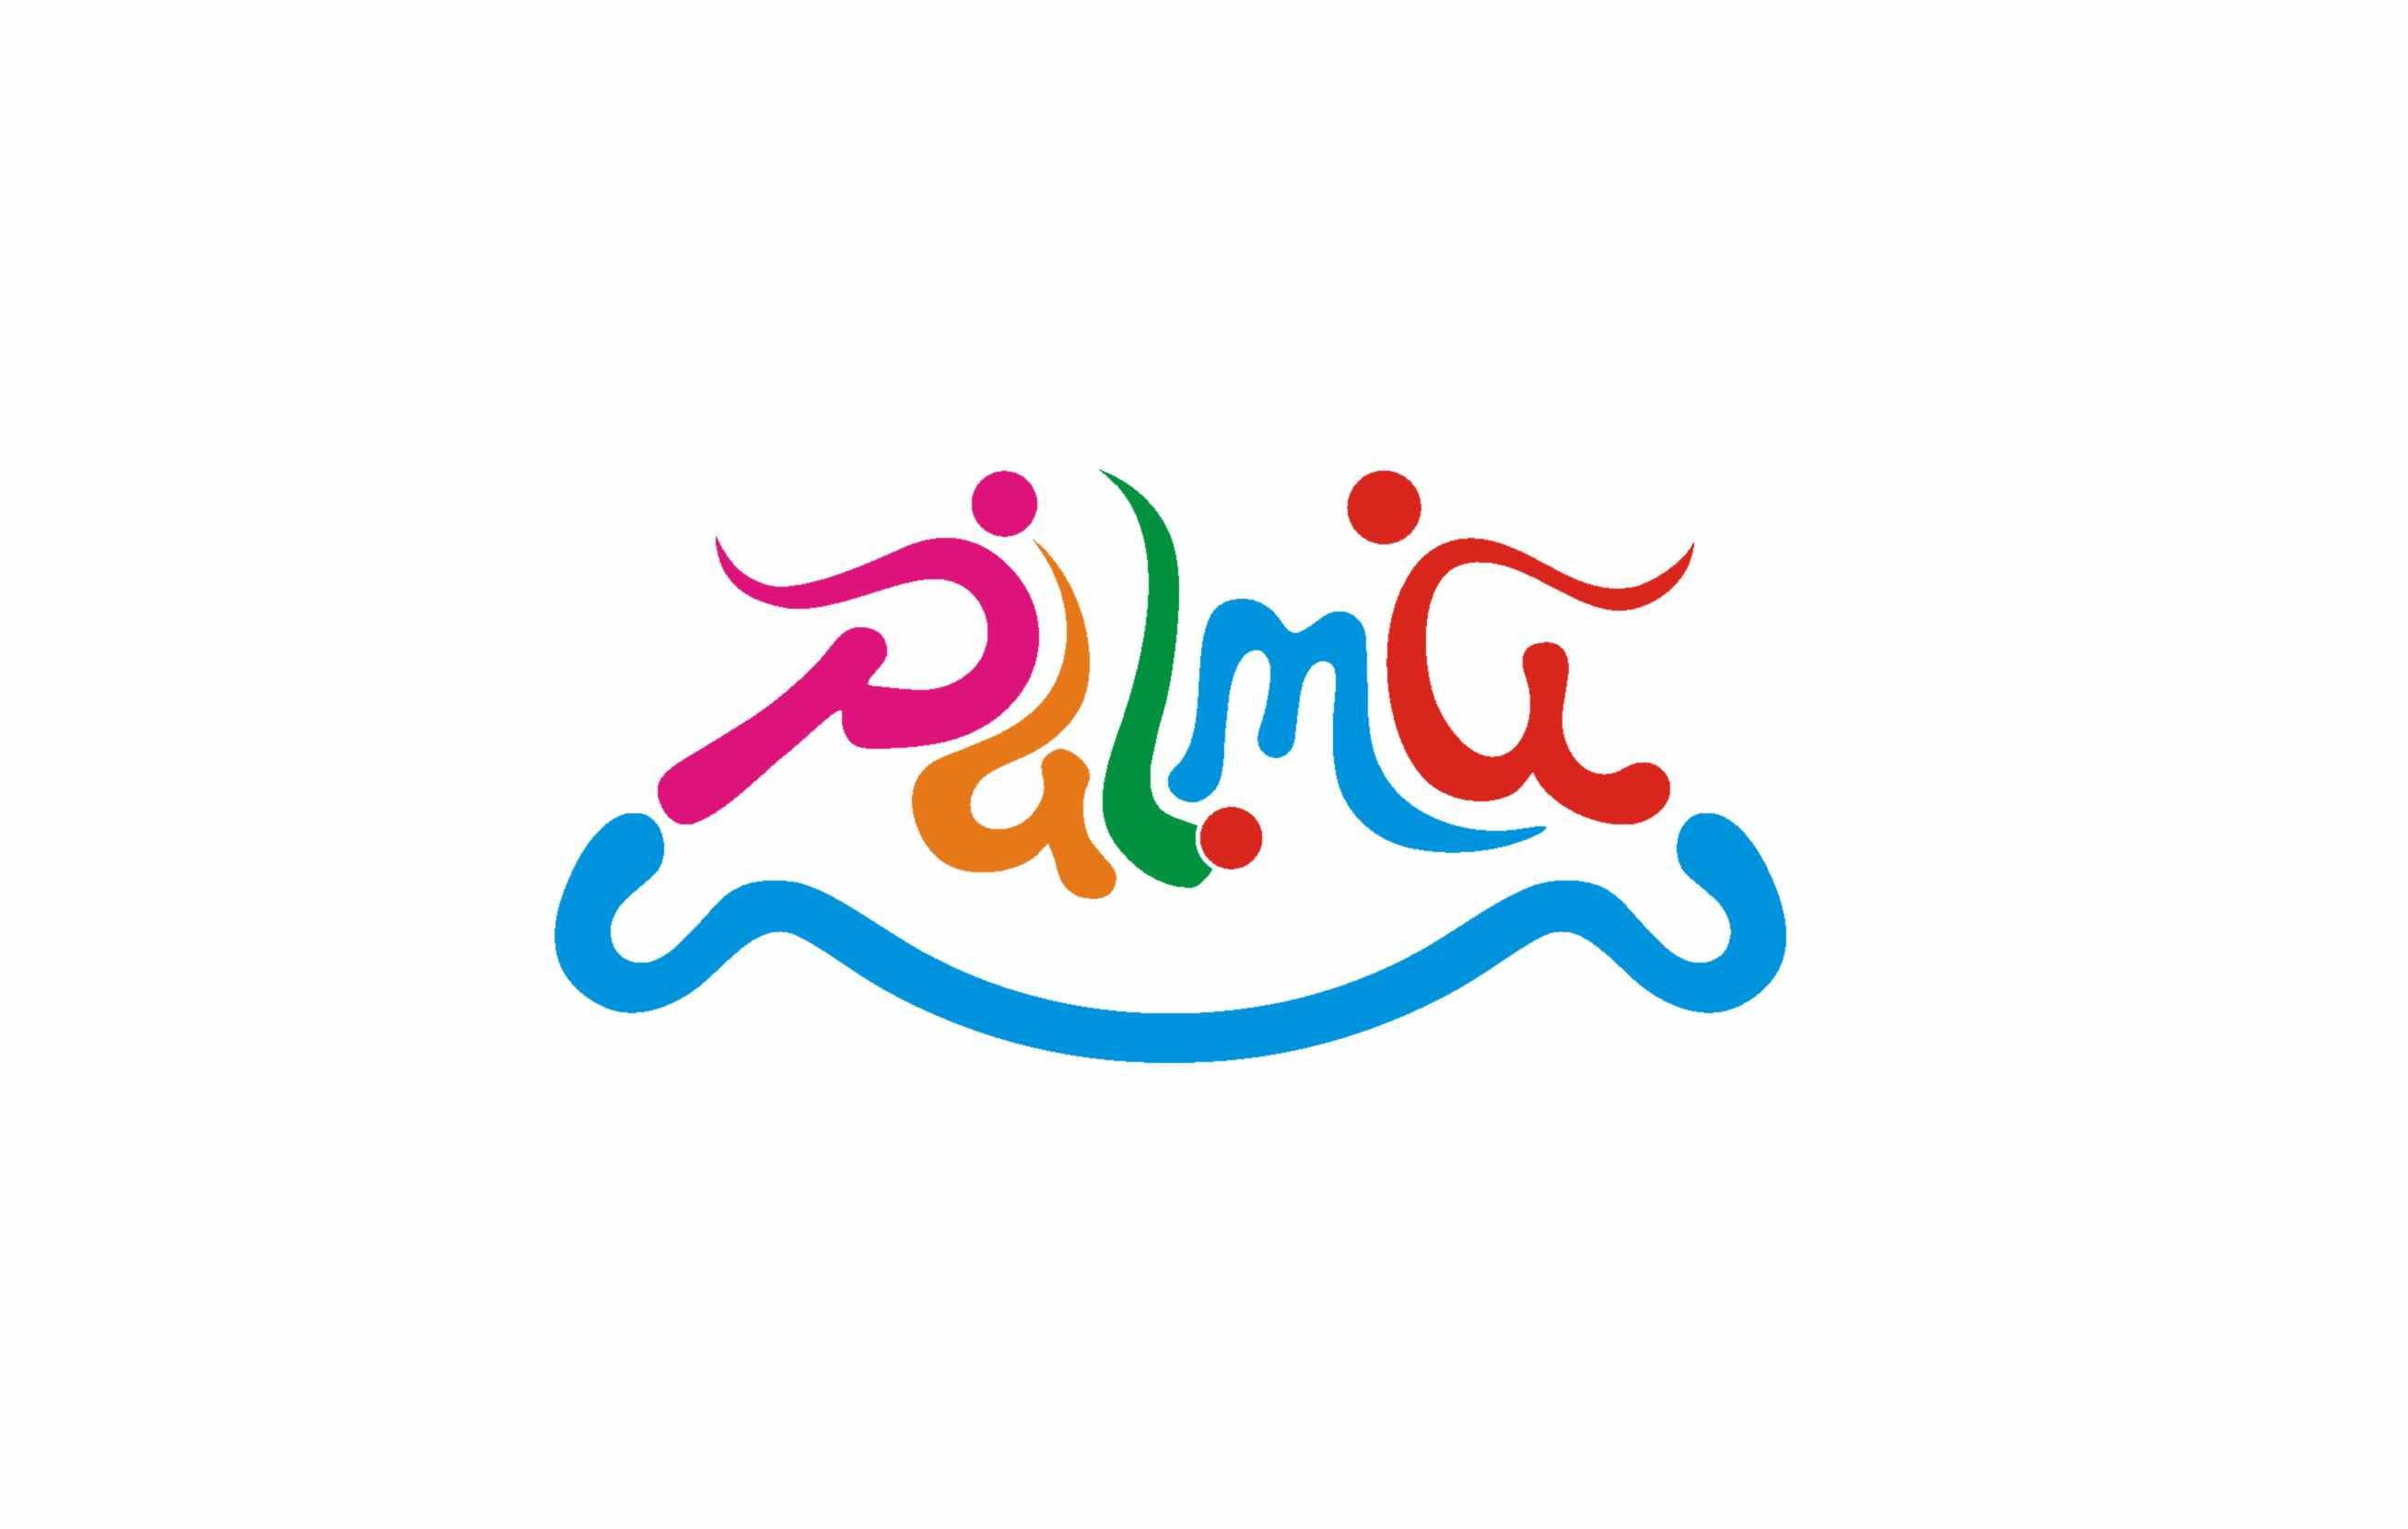 运动服装品牌logo